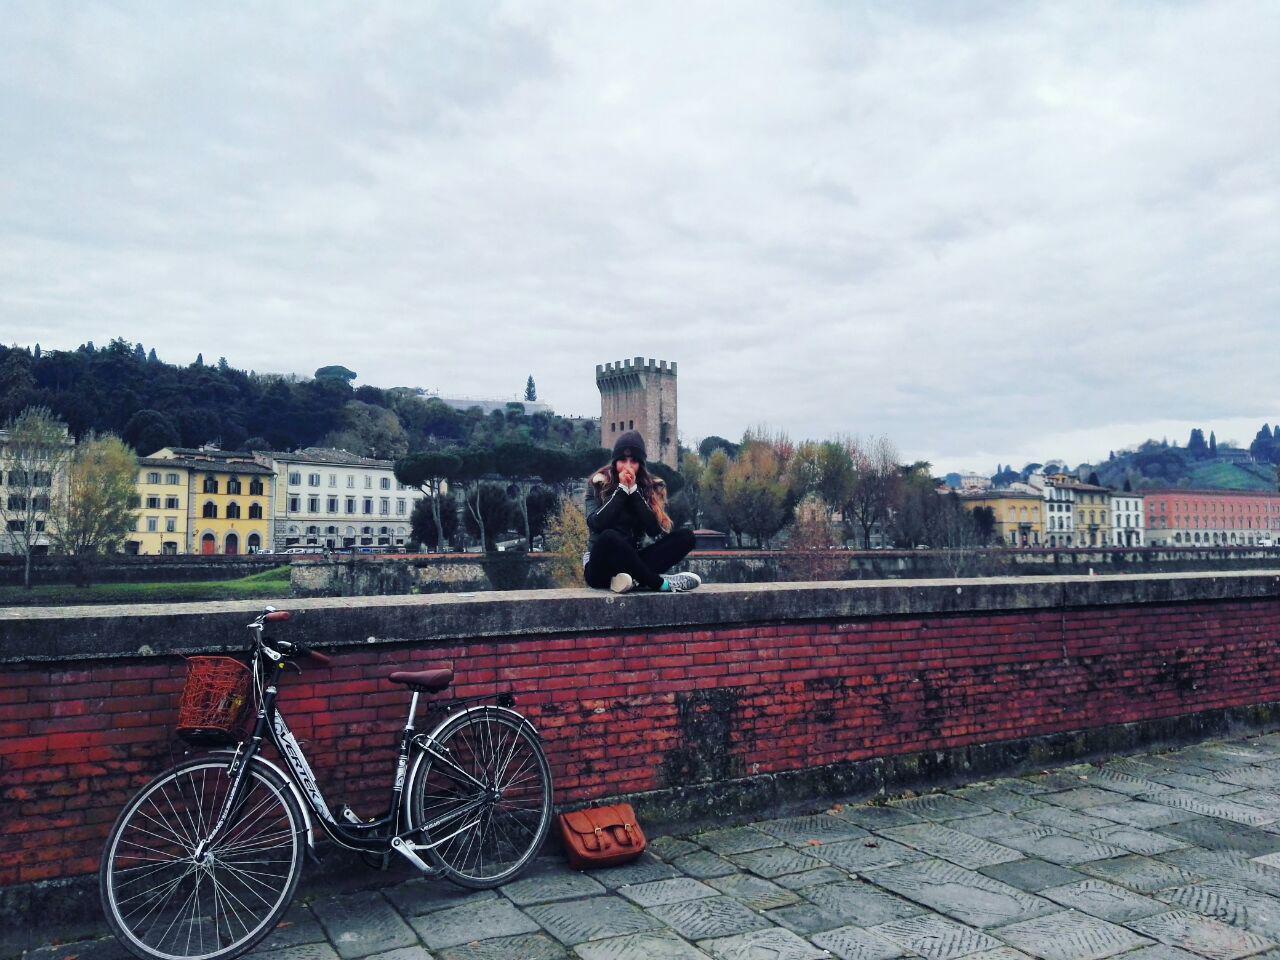 Una vegana en bici por Florencia (2a parte)